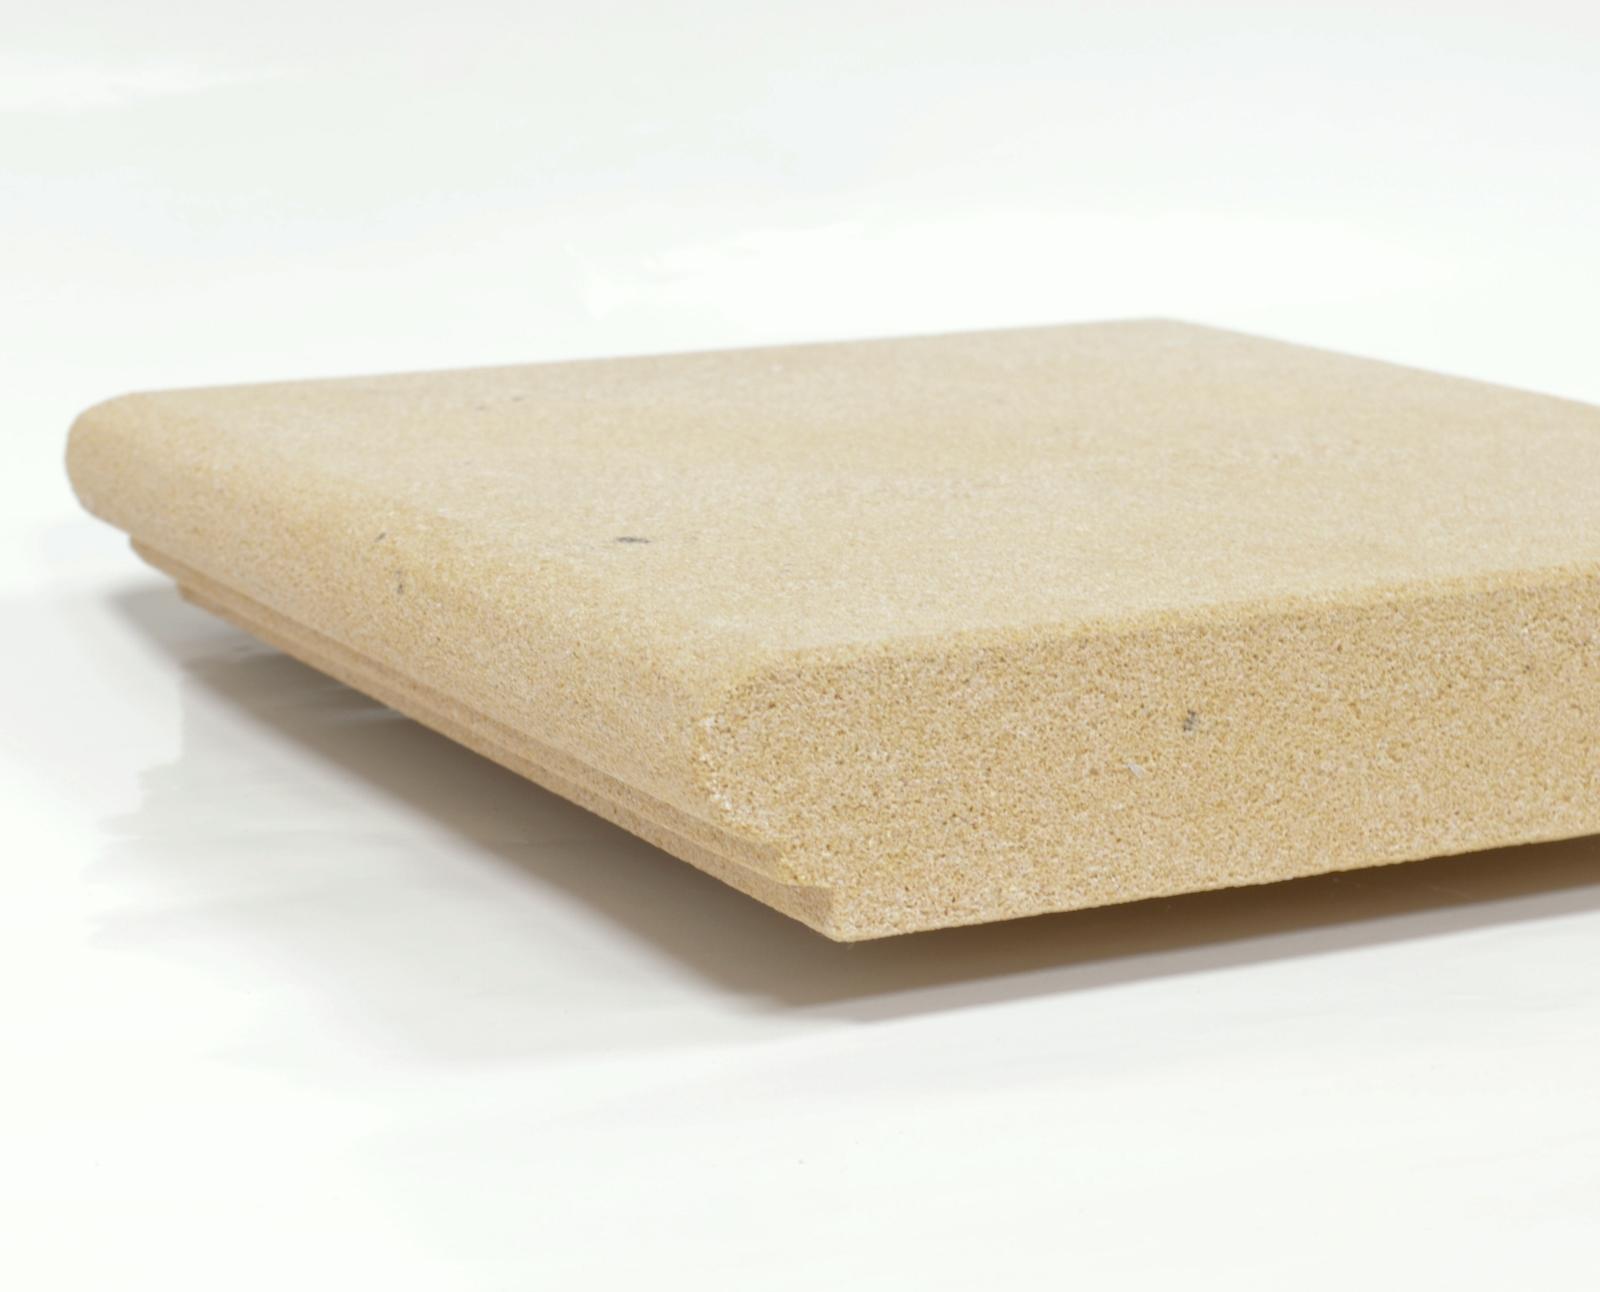 treppenstufen trittstufen au entreppe p1 40x40x5 cm sandstein hauseingang ebay. Black Bedroom Furniture Sets. Home Design Ideas